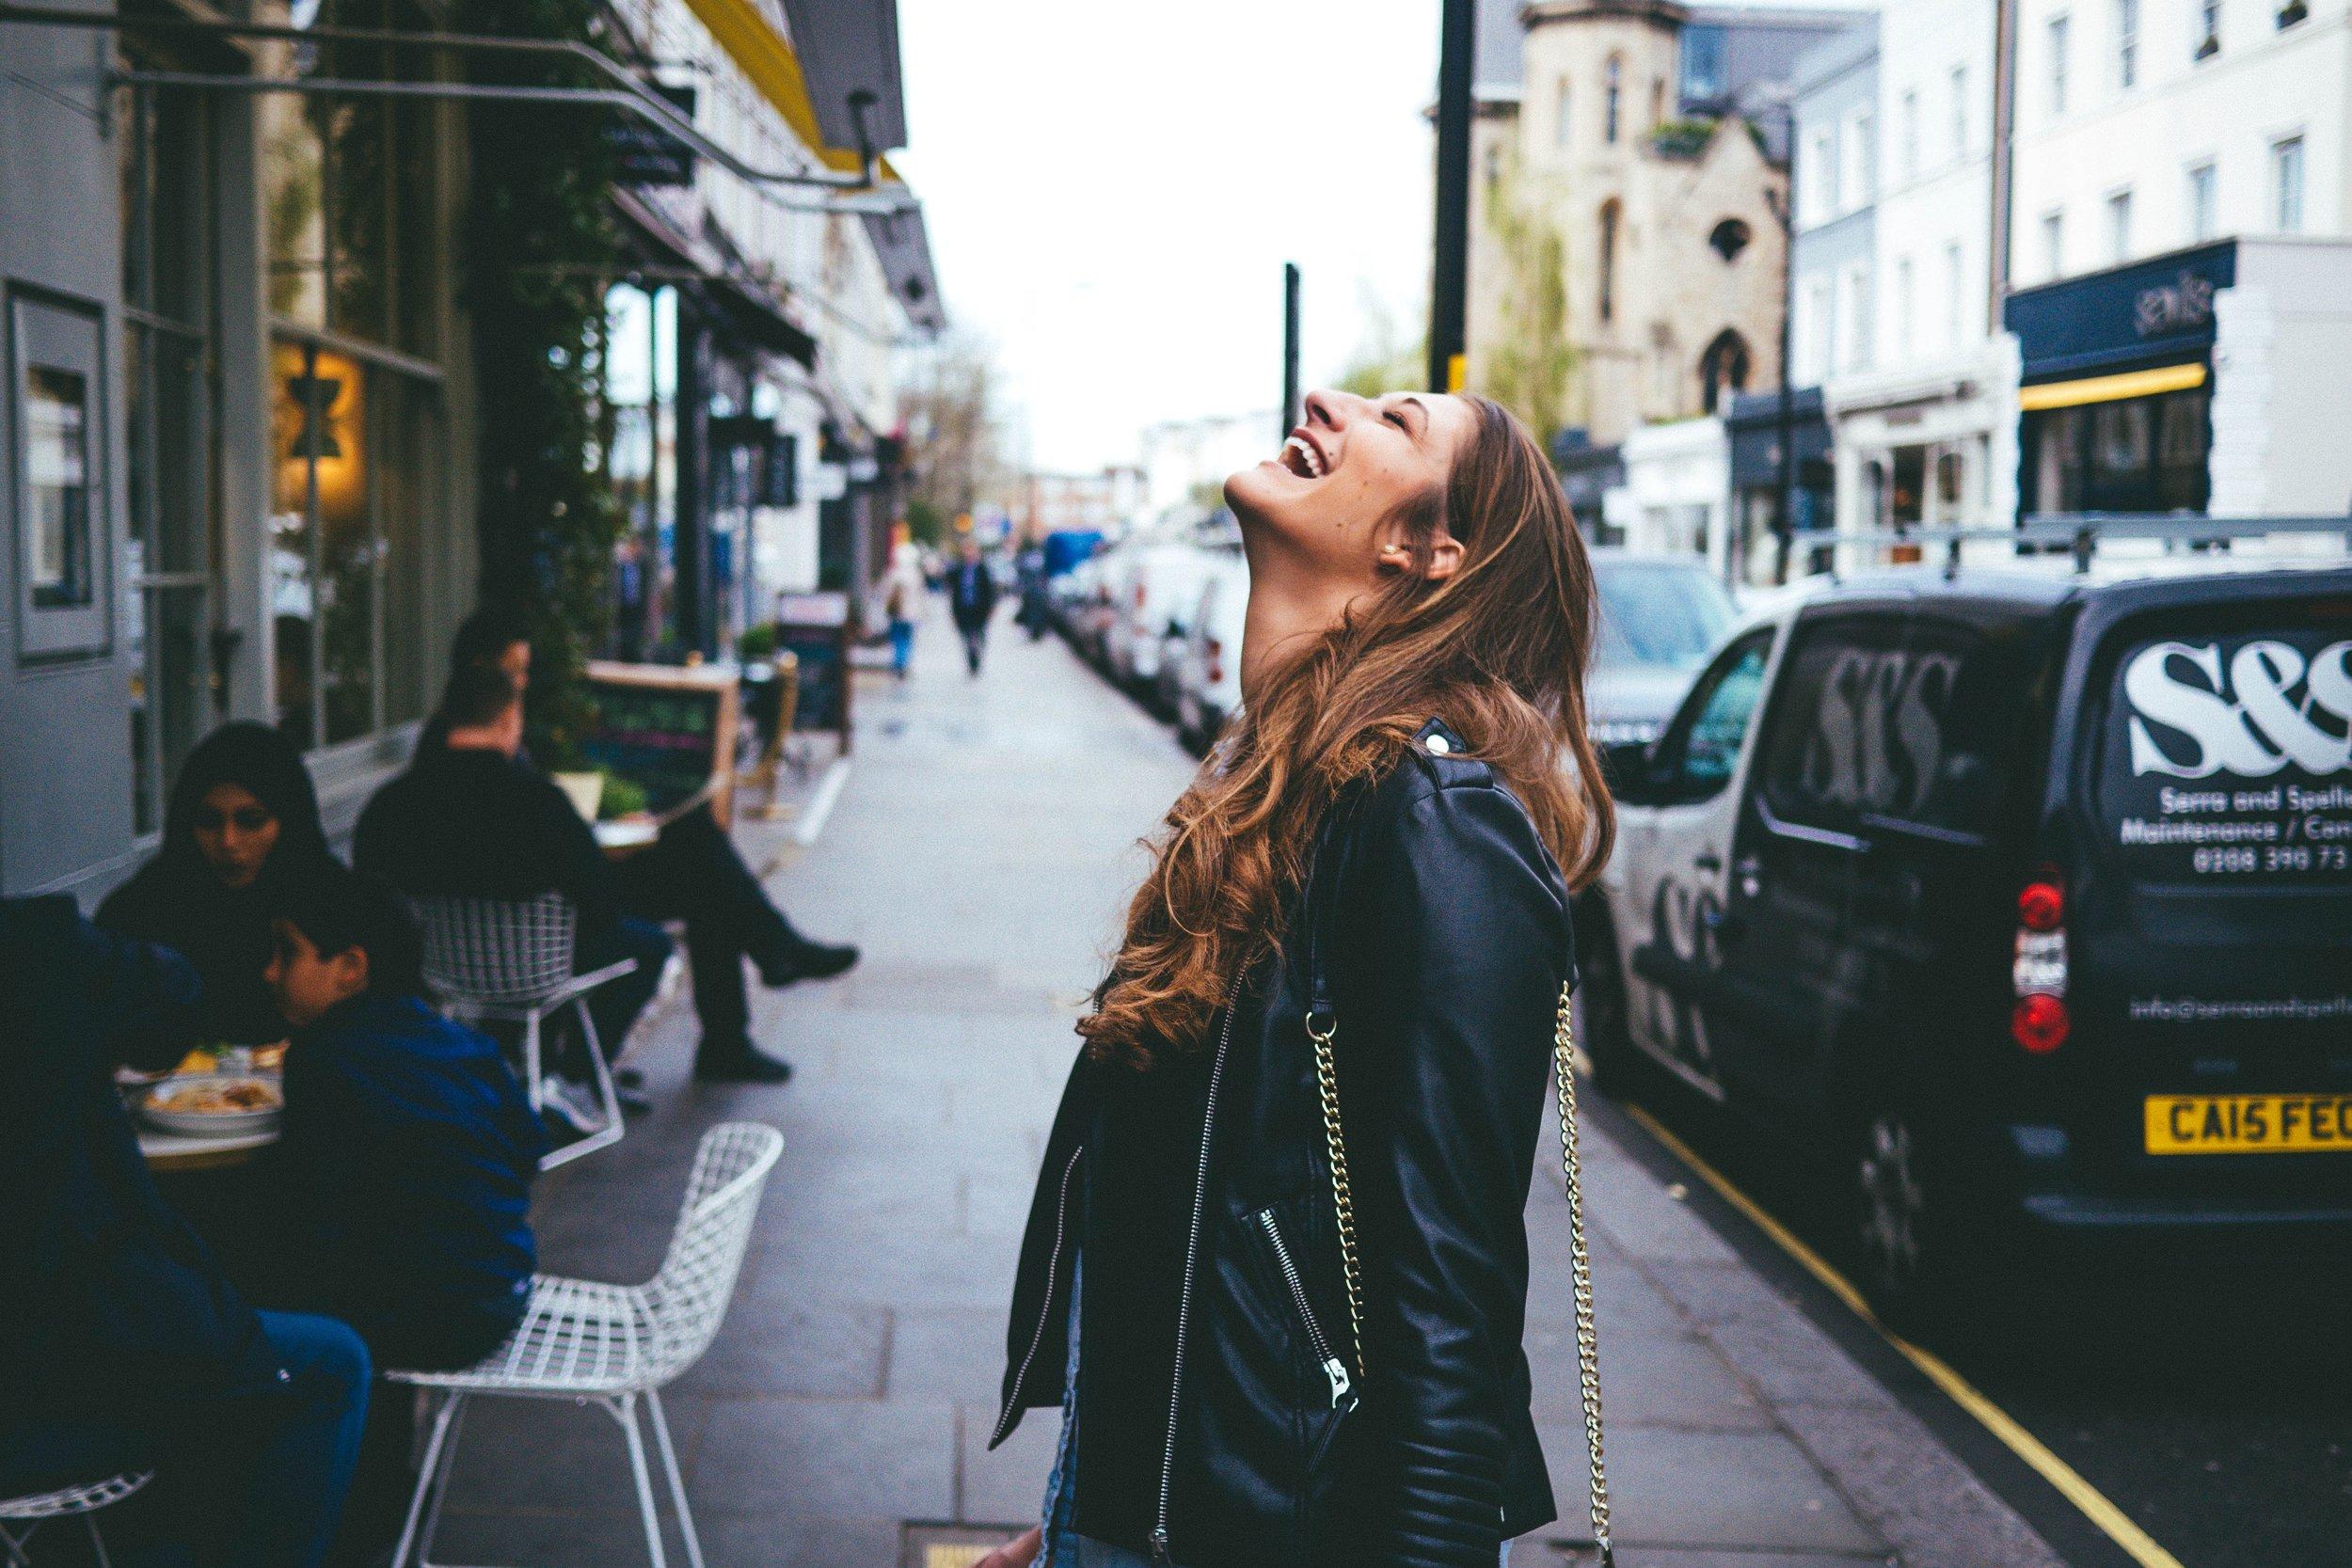 woman in city.jpg